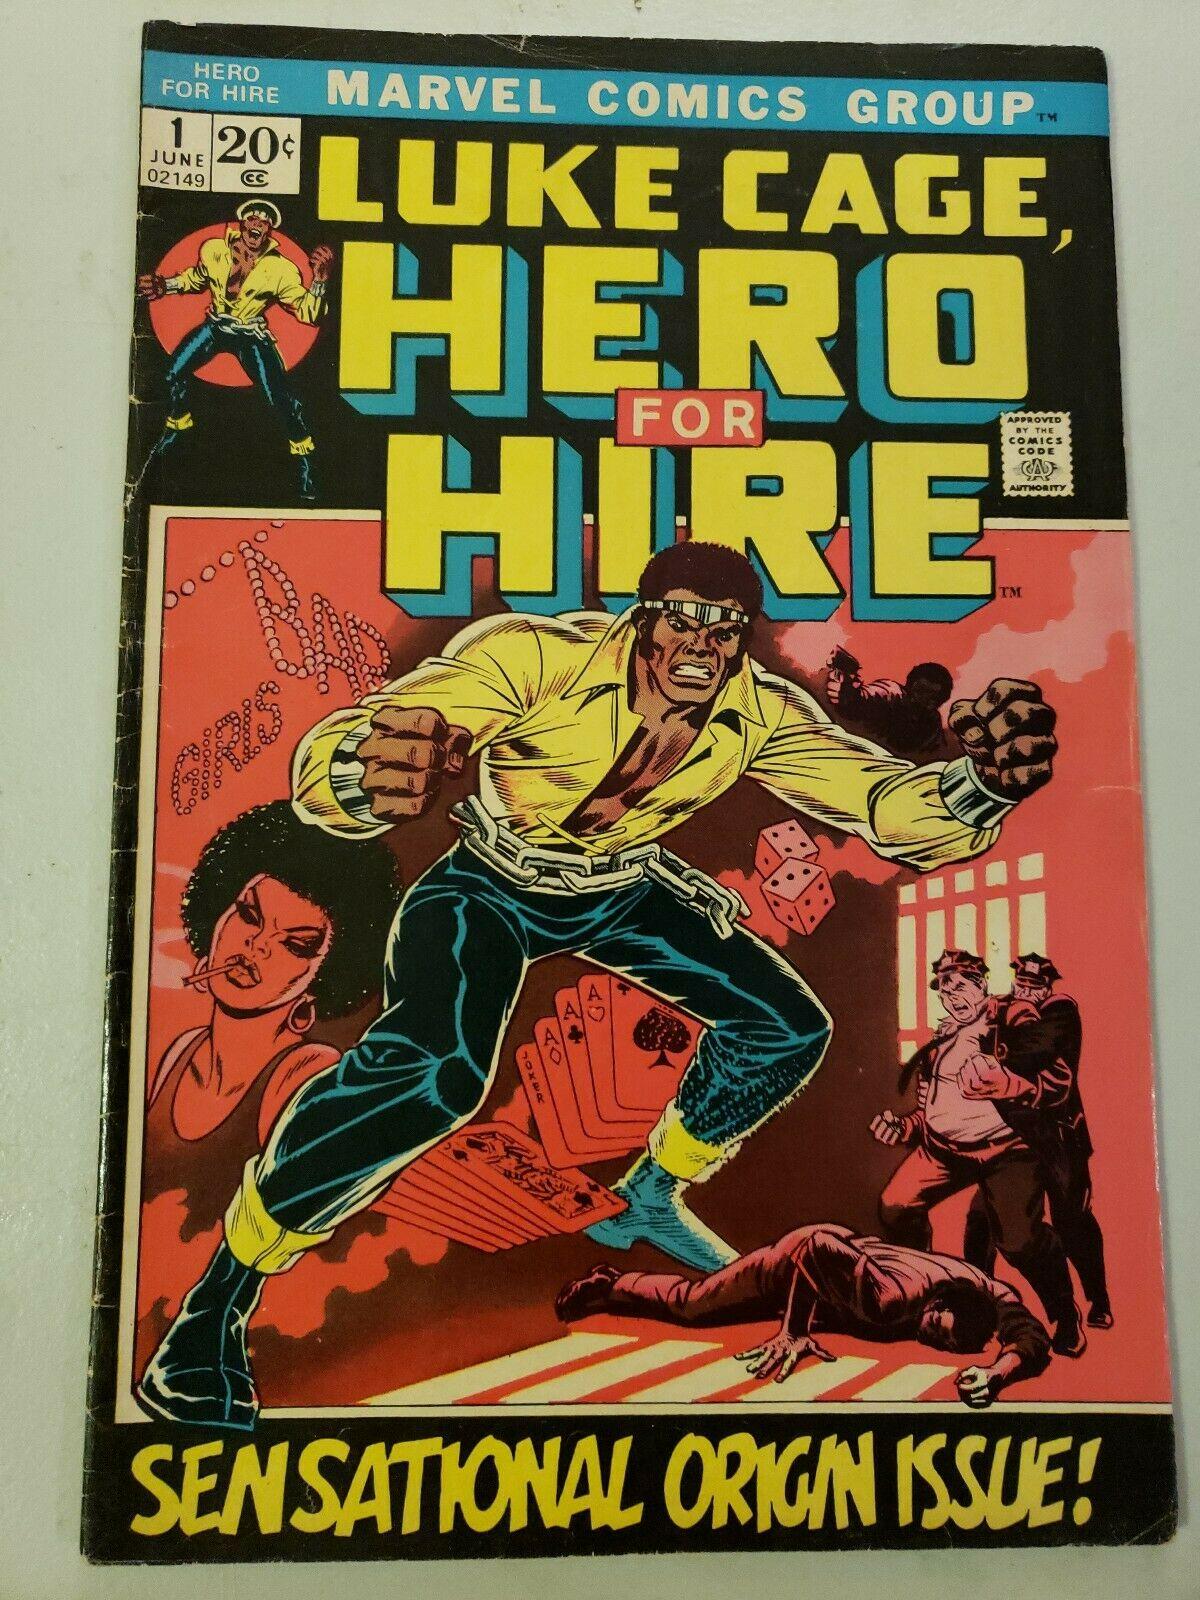 Marvel Comics Luke Cage Hero for Hire #1,1st issue origin story. (june 1972)